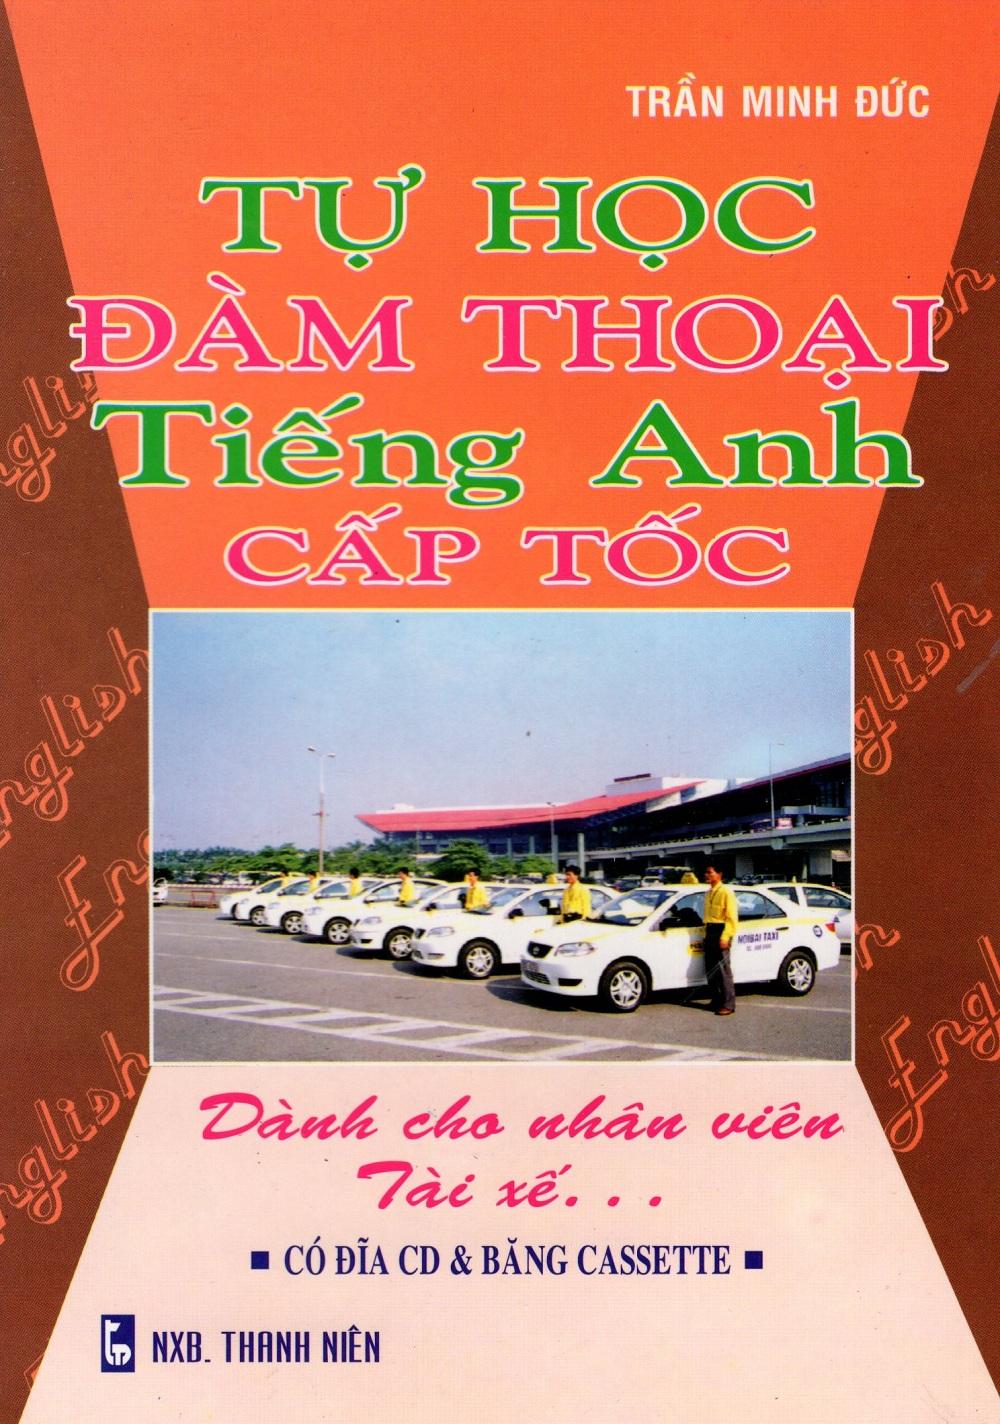 Tự Học Đàm Thoại Tiếng Anh Cấp Tốc - Dành Cho Nhân Viên Tài Xế - 3108738348634,62_244638,32000,tiki.vn,Tu-Hoc-Dam-Thoai-Tieng-Anh-Cap-Toc-Danh-Cho-Nhan-Vien-Tai-Xe-62_244638,Tự Học Đàm Thoại Tiếng Anh Cấp Tốc - Dành Cho Nhân Viên Tài Xế